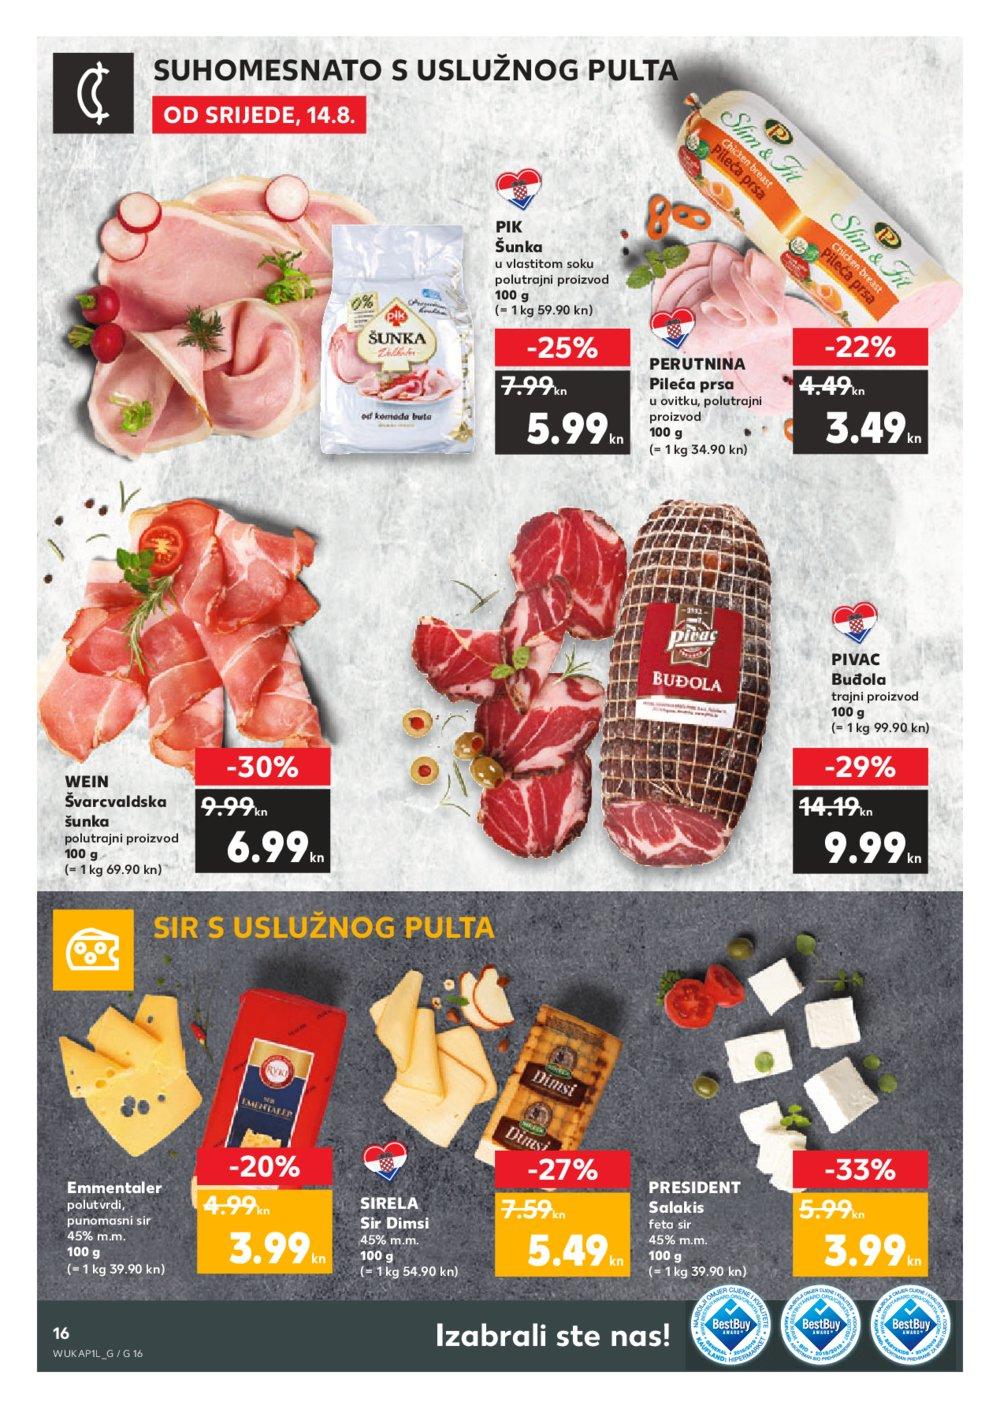 Kaufland katalog Akcija 14.08.-21.08.2019. DS, Sinj, VG,VU